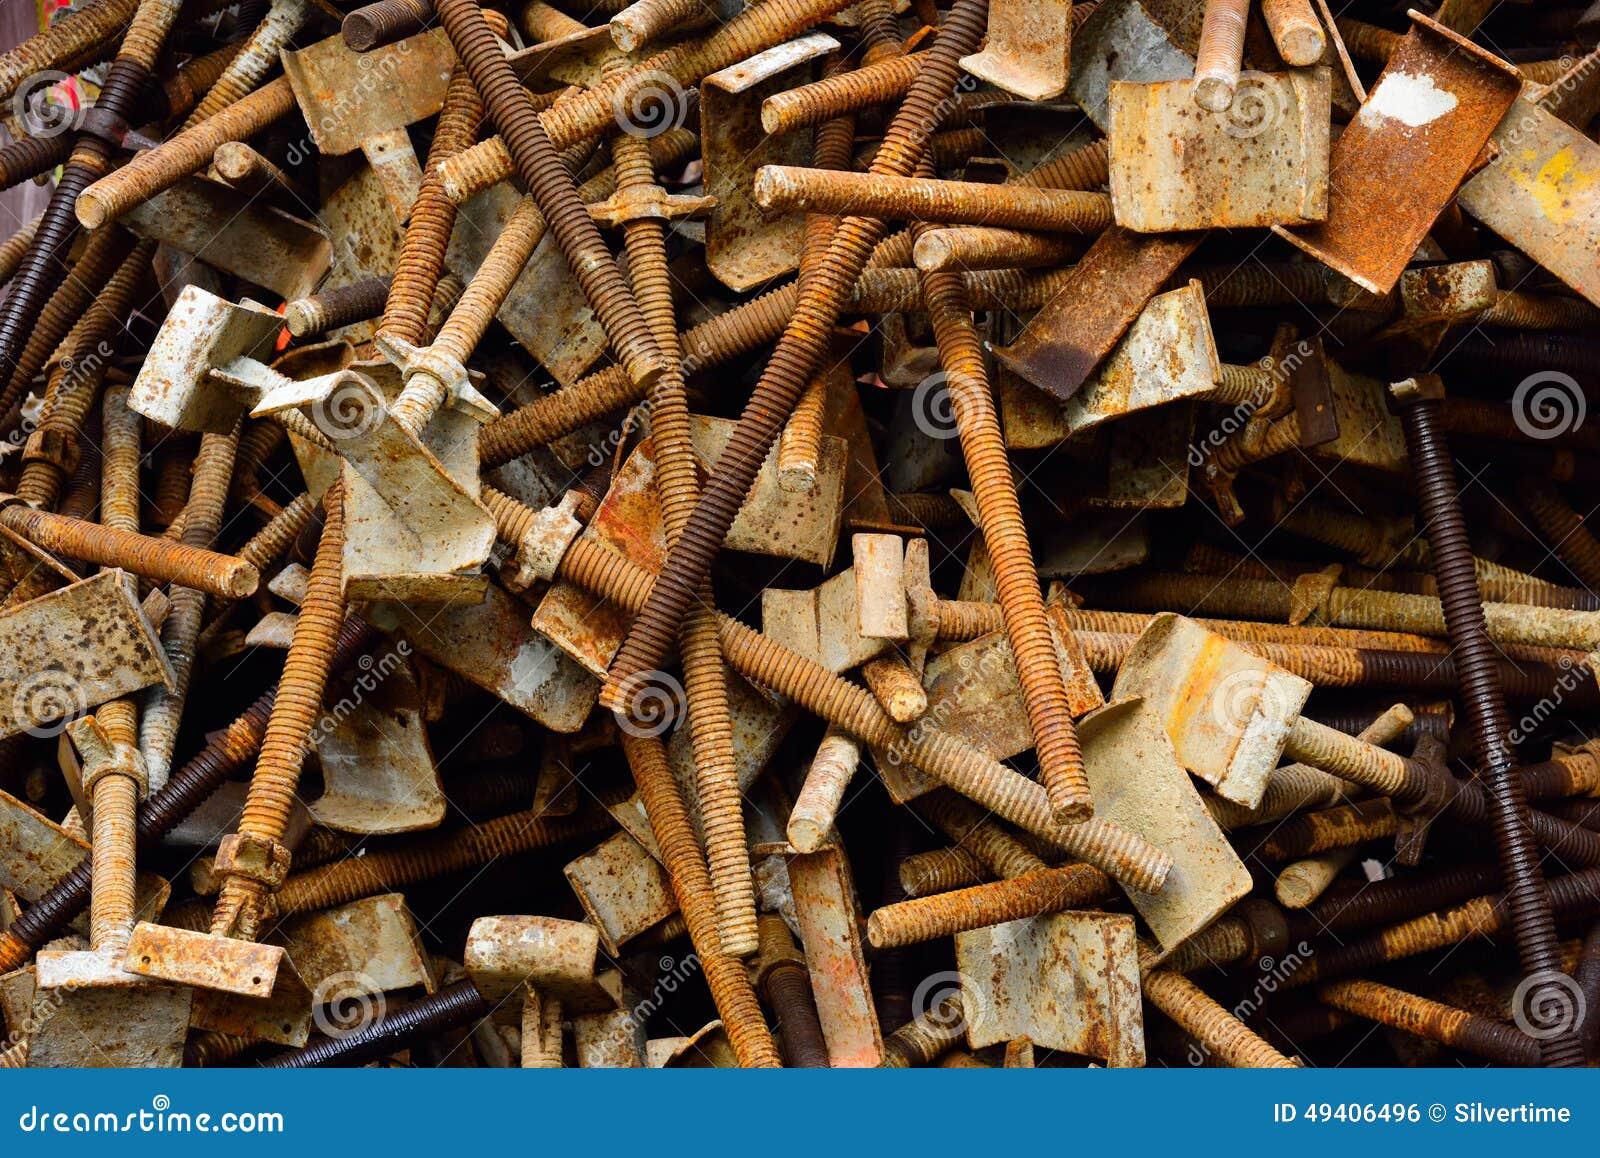 Download Rostiges Baugerüst stockfoto. Bild von nahaufnahme, feld - 49406496